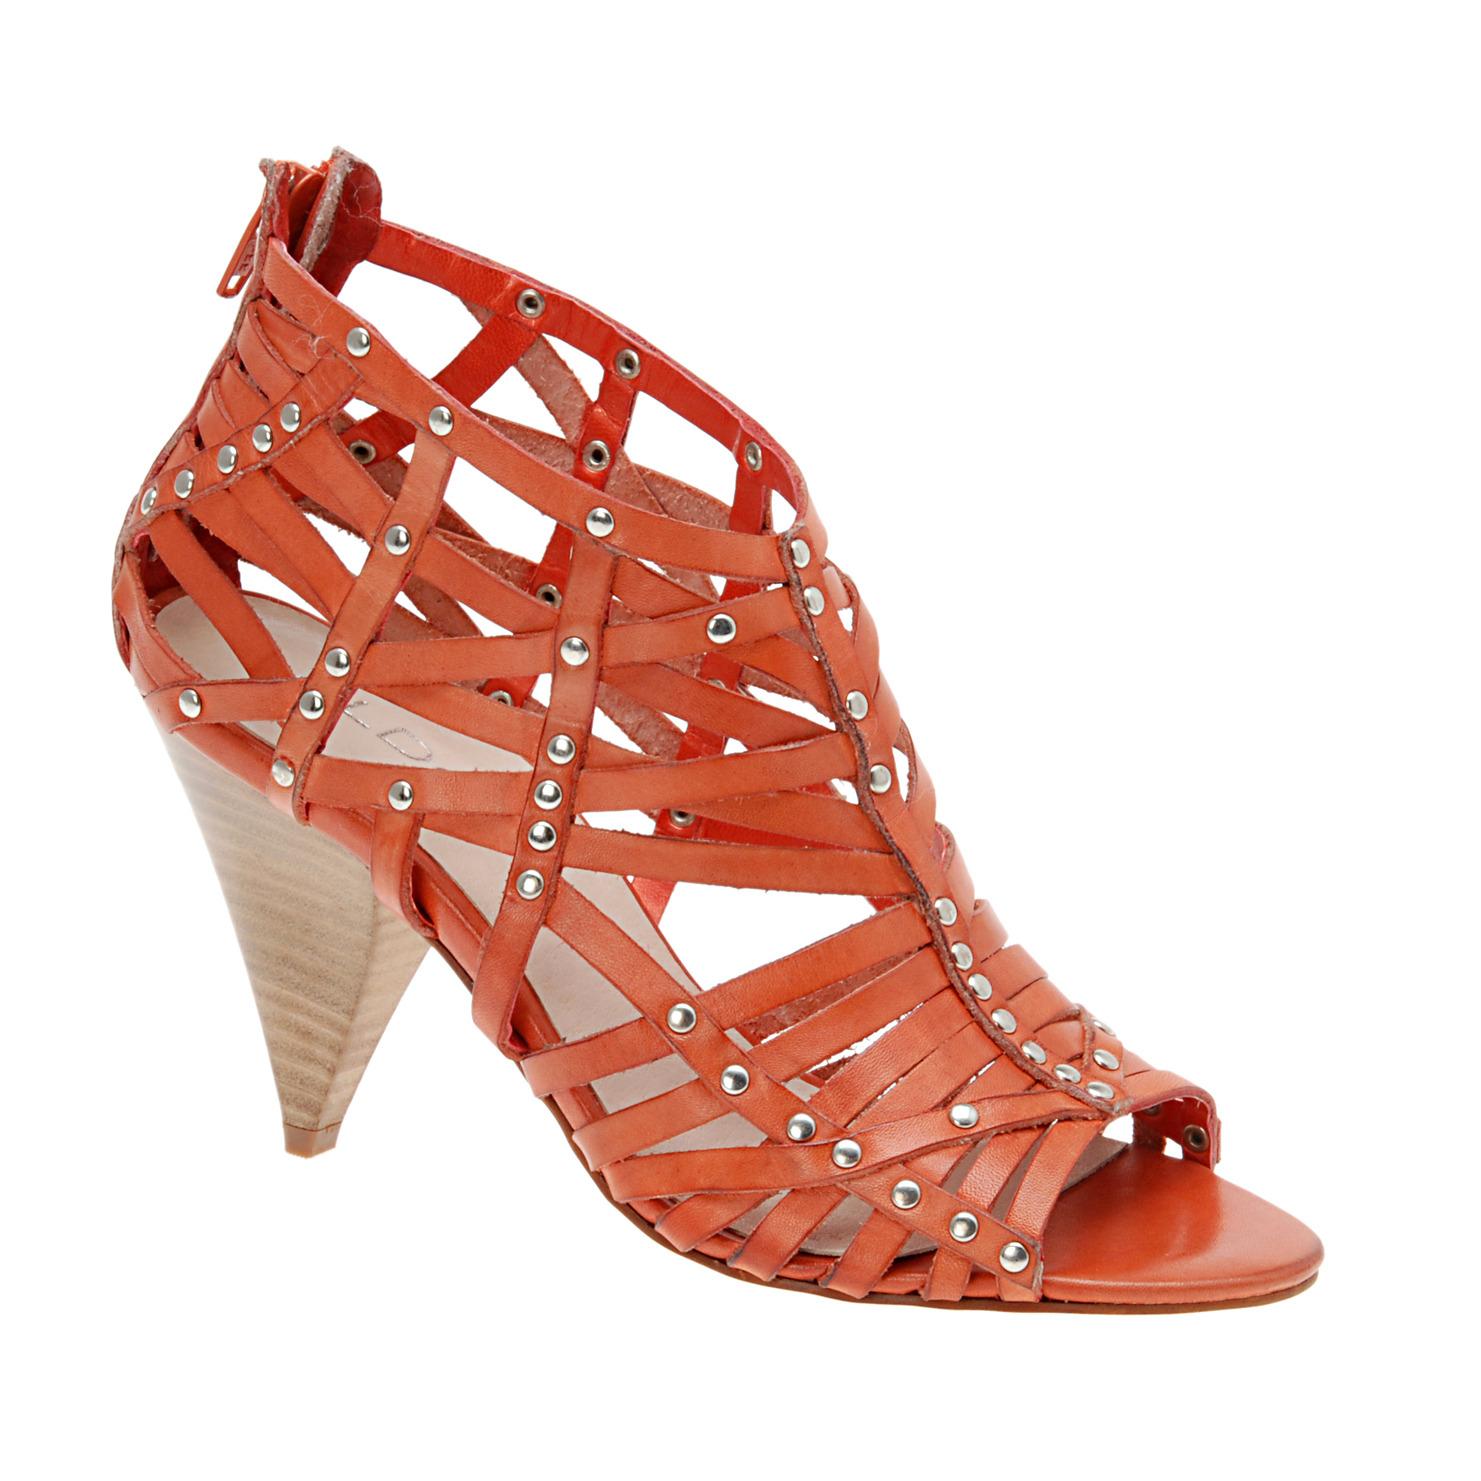 Steve Madden Casual Shoes For Men Images Mens Sandals